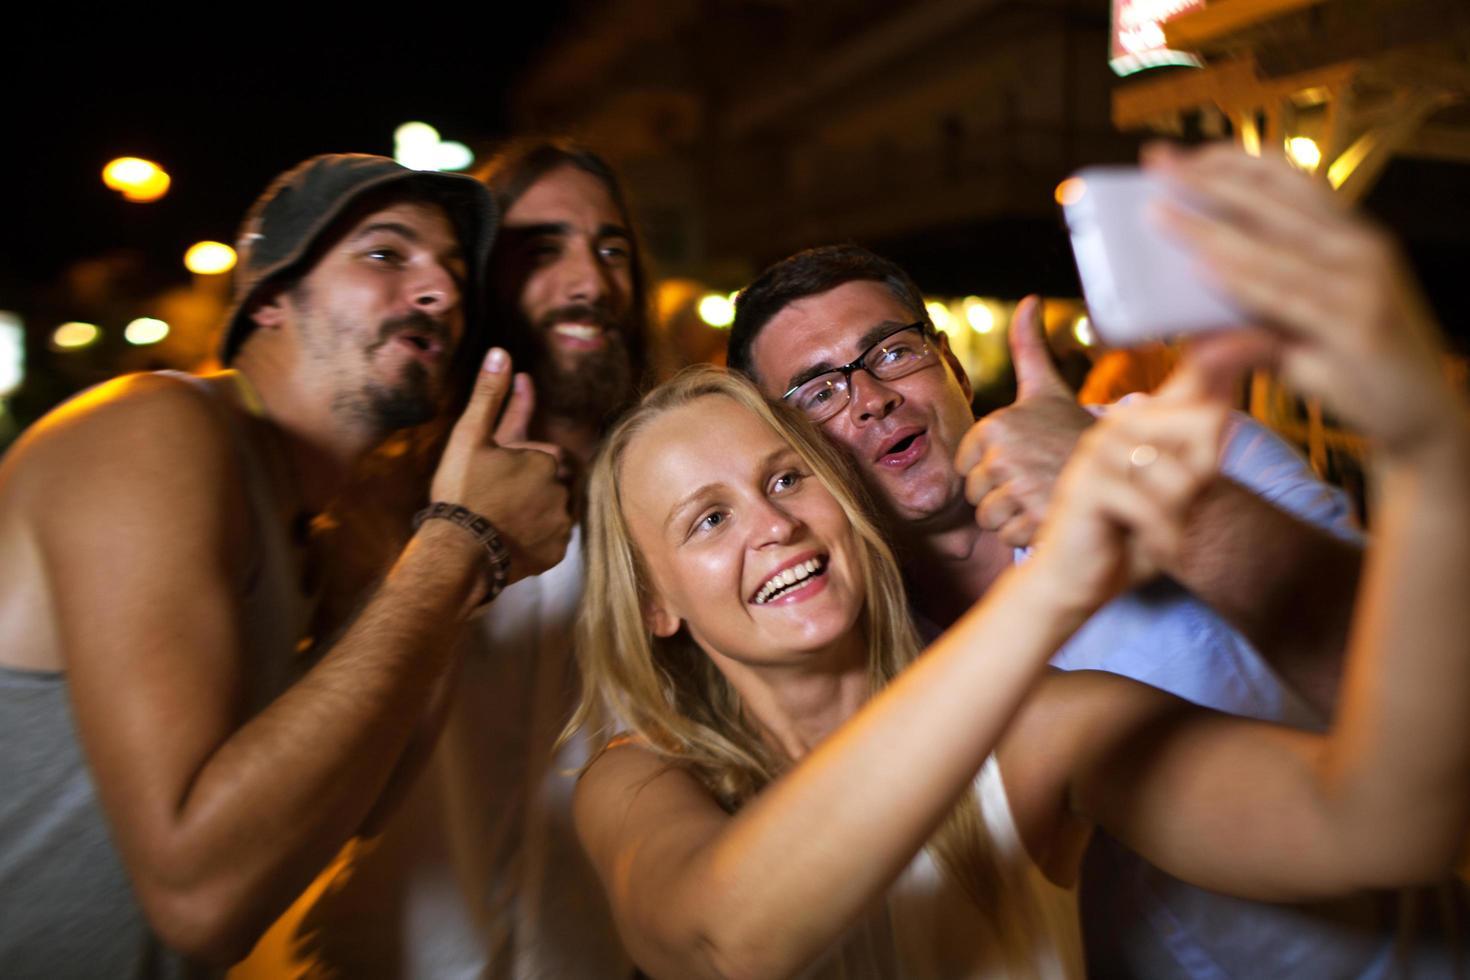 Friends taking a selfie photo